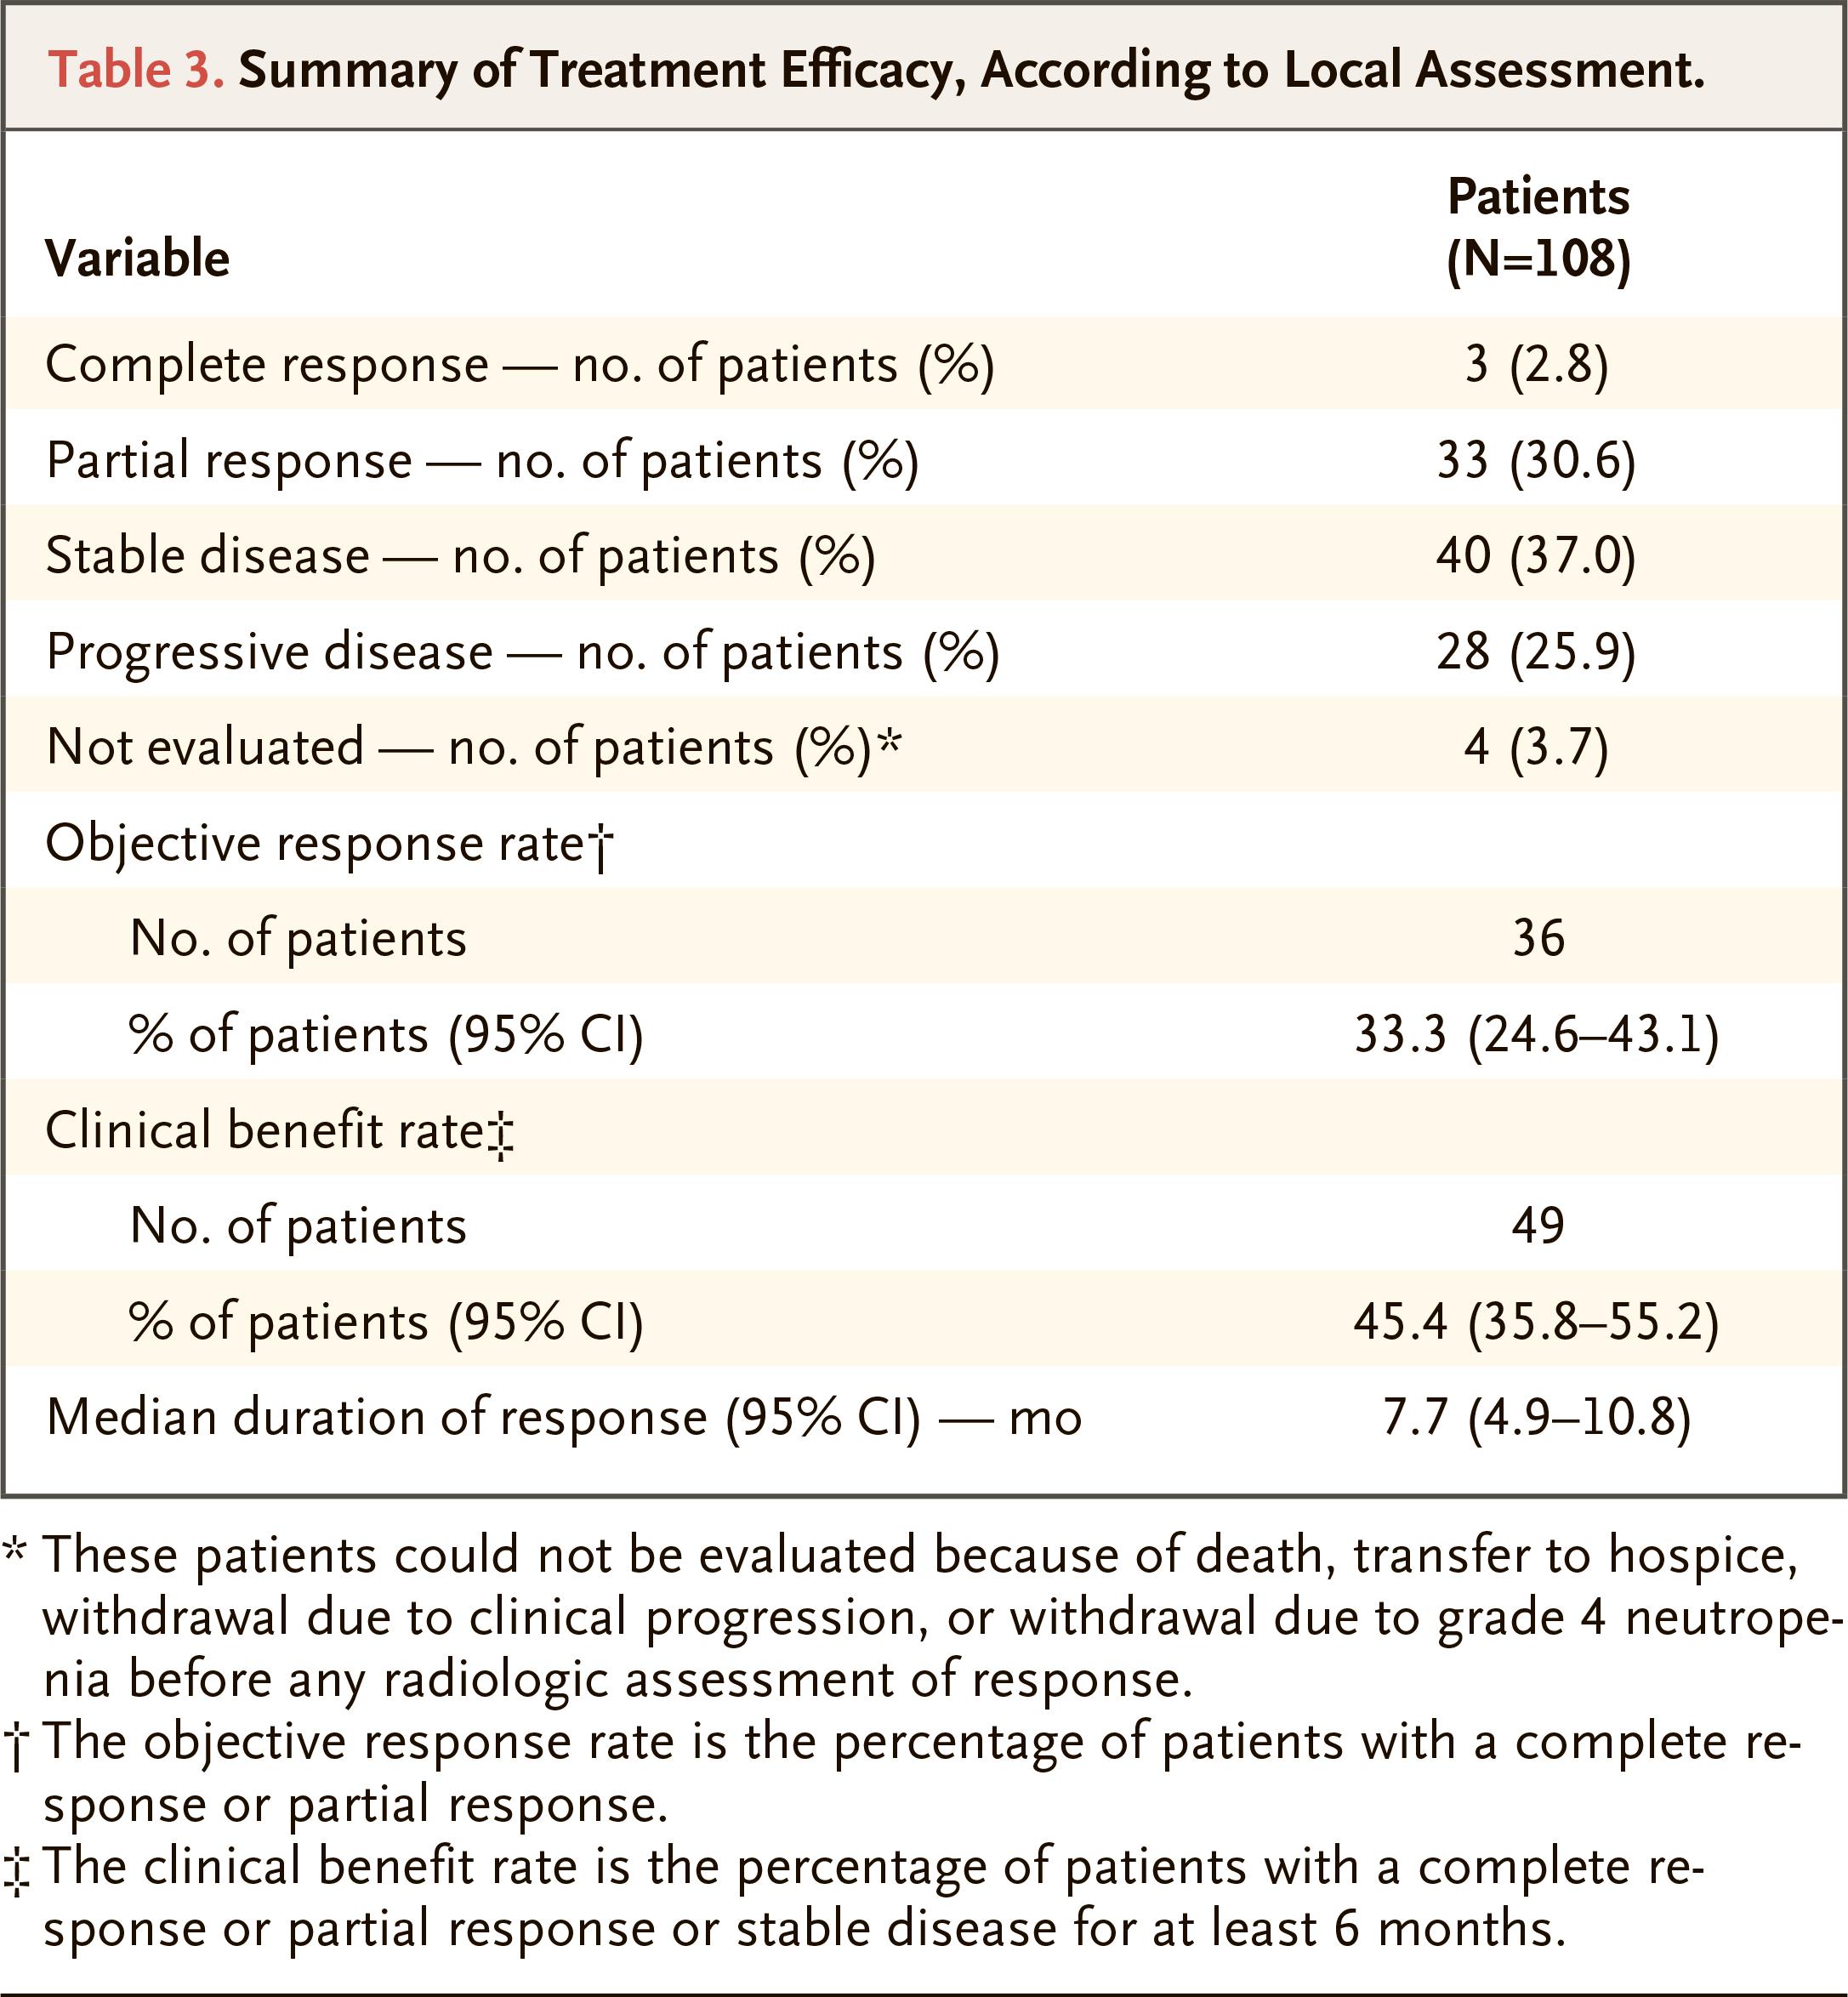 nct01631552 results 01 - «Троделви»: новое лекарство против трижды негативного рака молочной железы